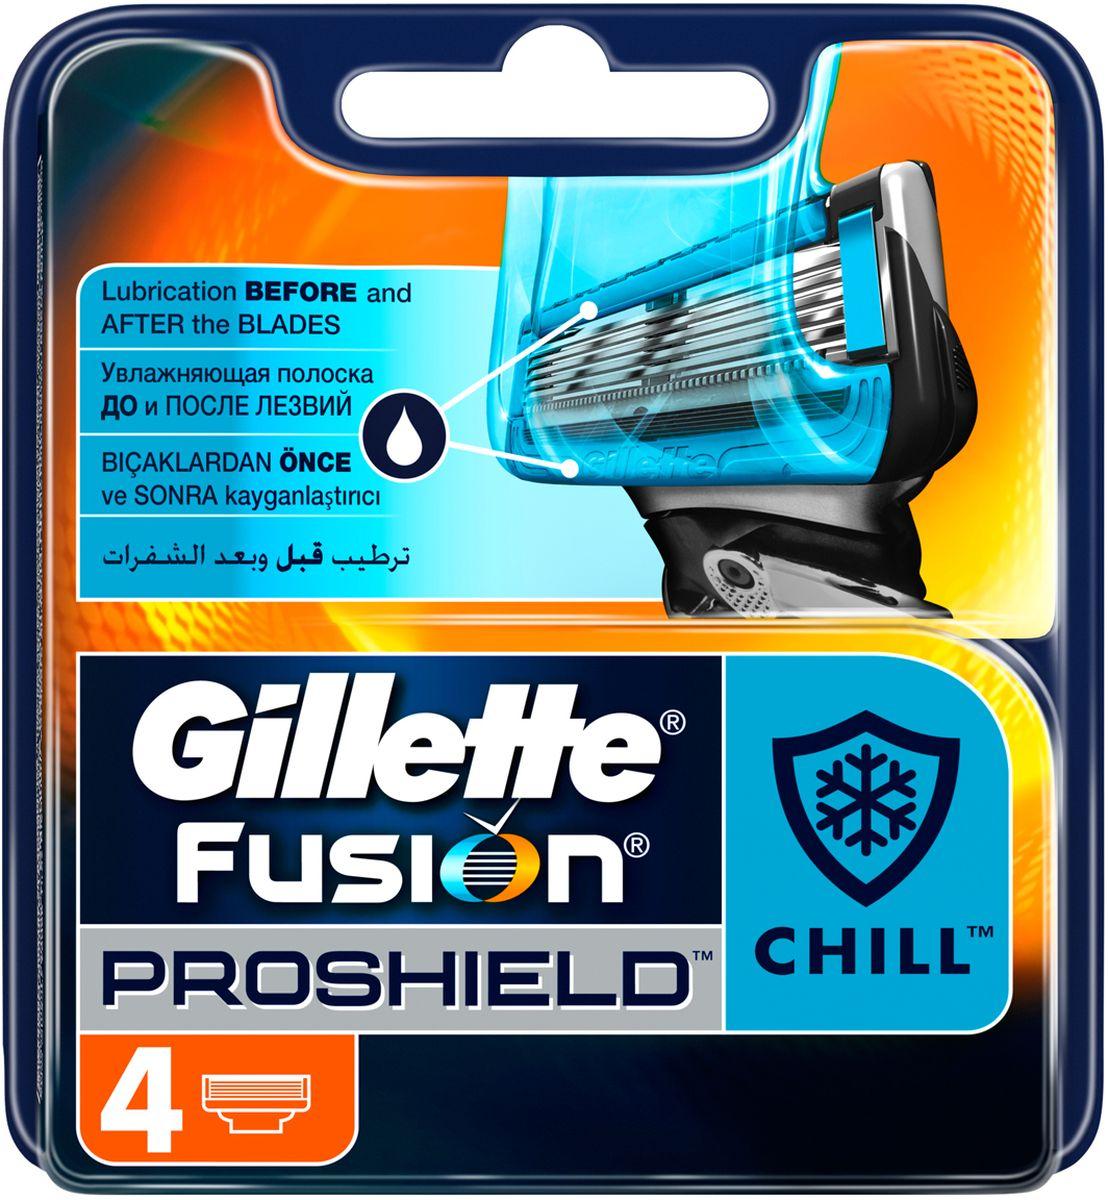 Gillette Сменные кассеты для мужской бритвы Fusion ProShield Chill, 4шт - Мужские средства для бритья и уход за бородой